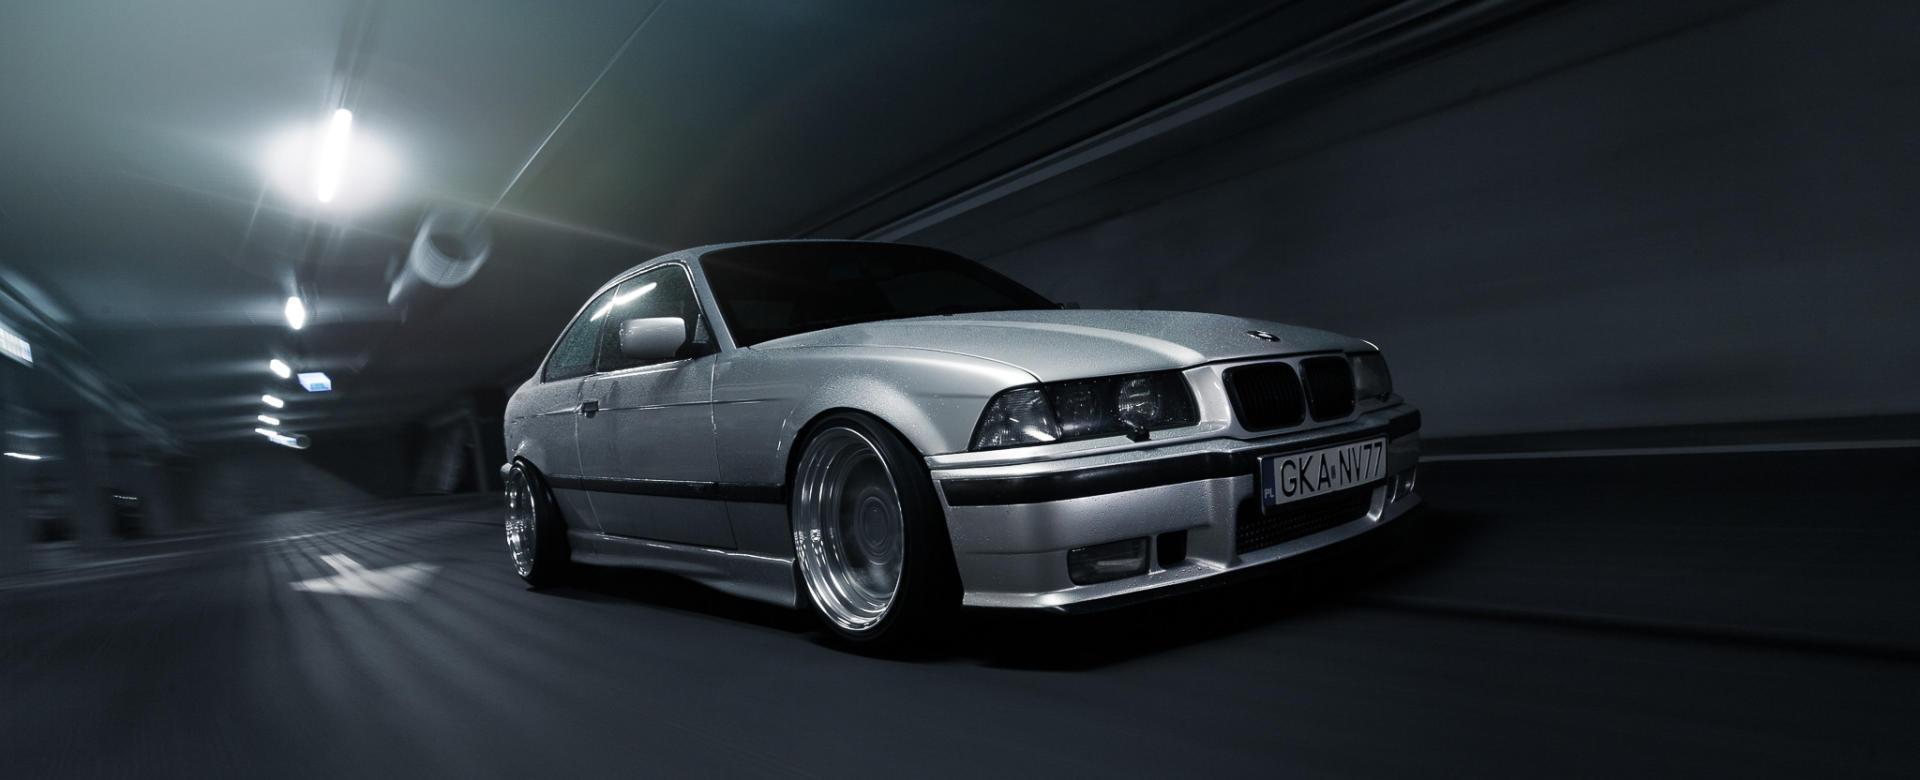 BMW E36 German Style